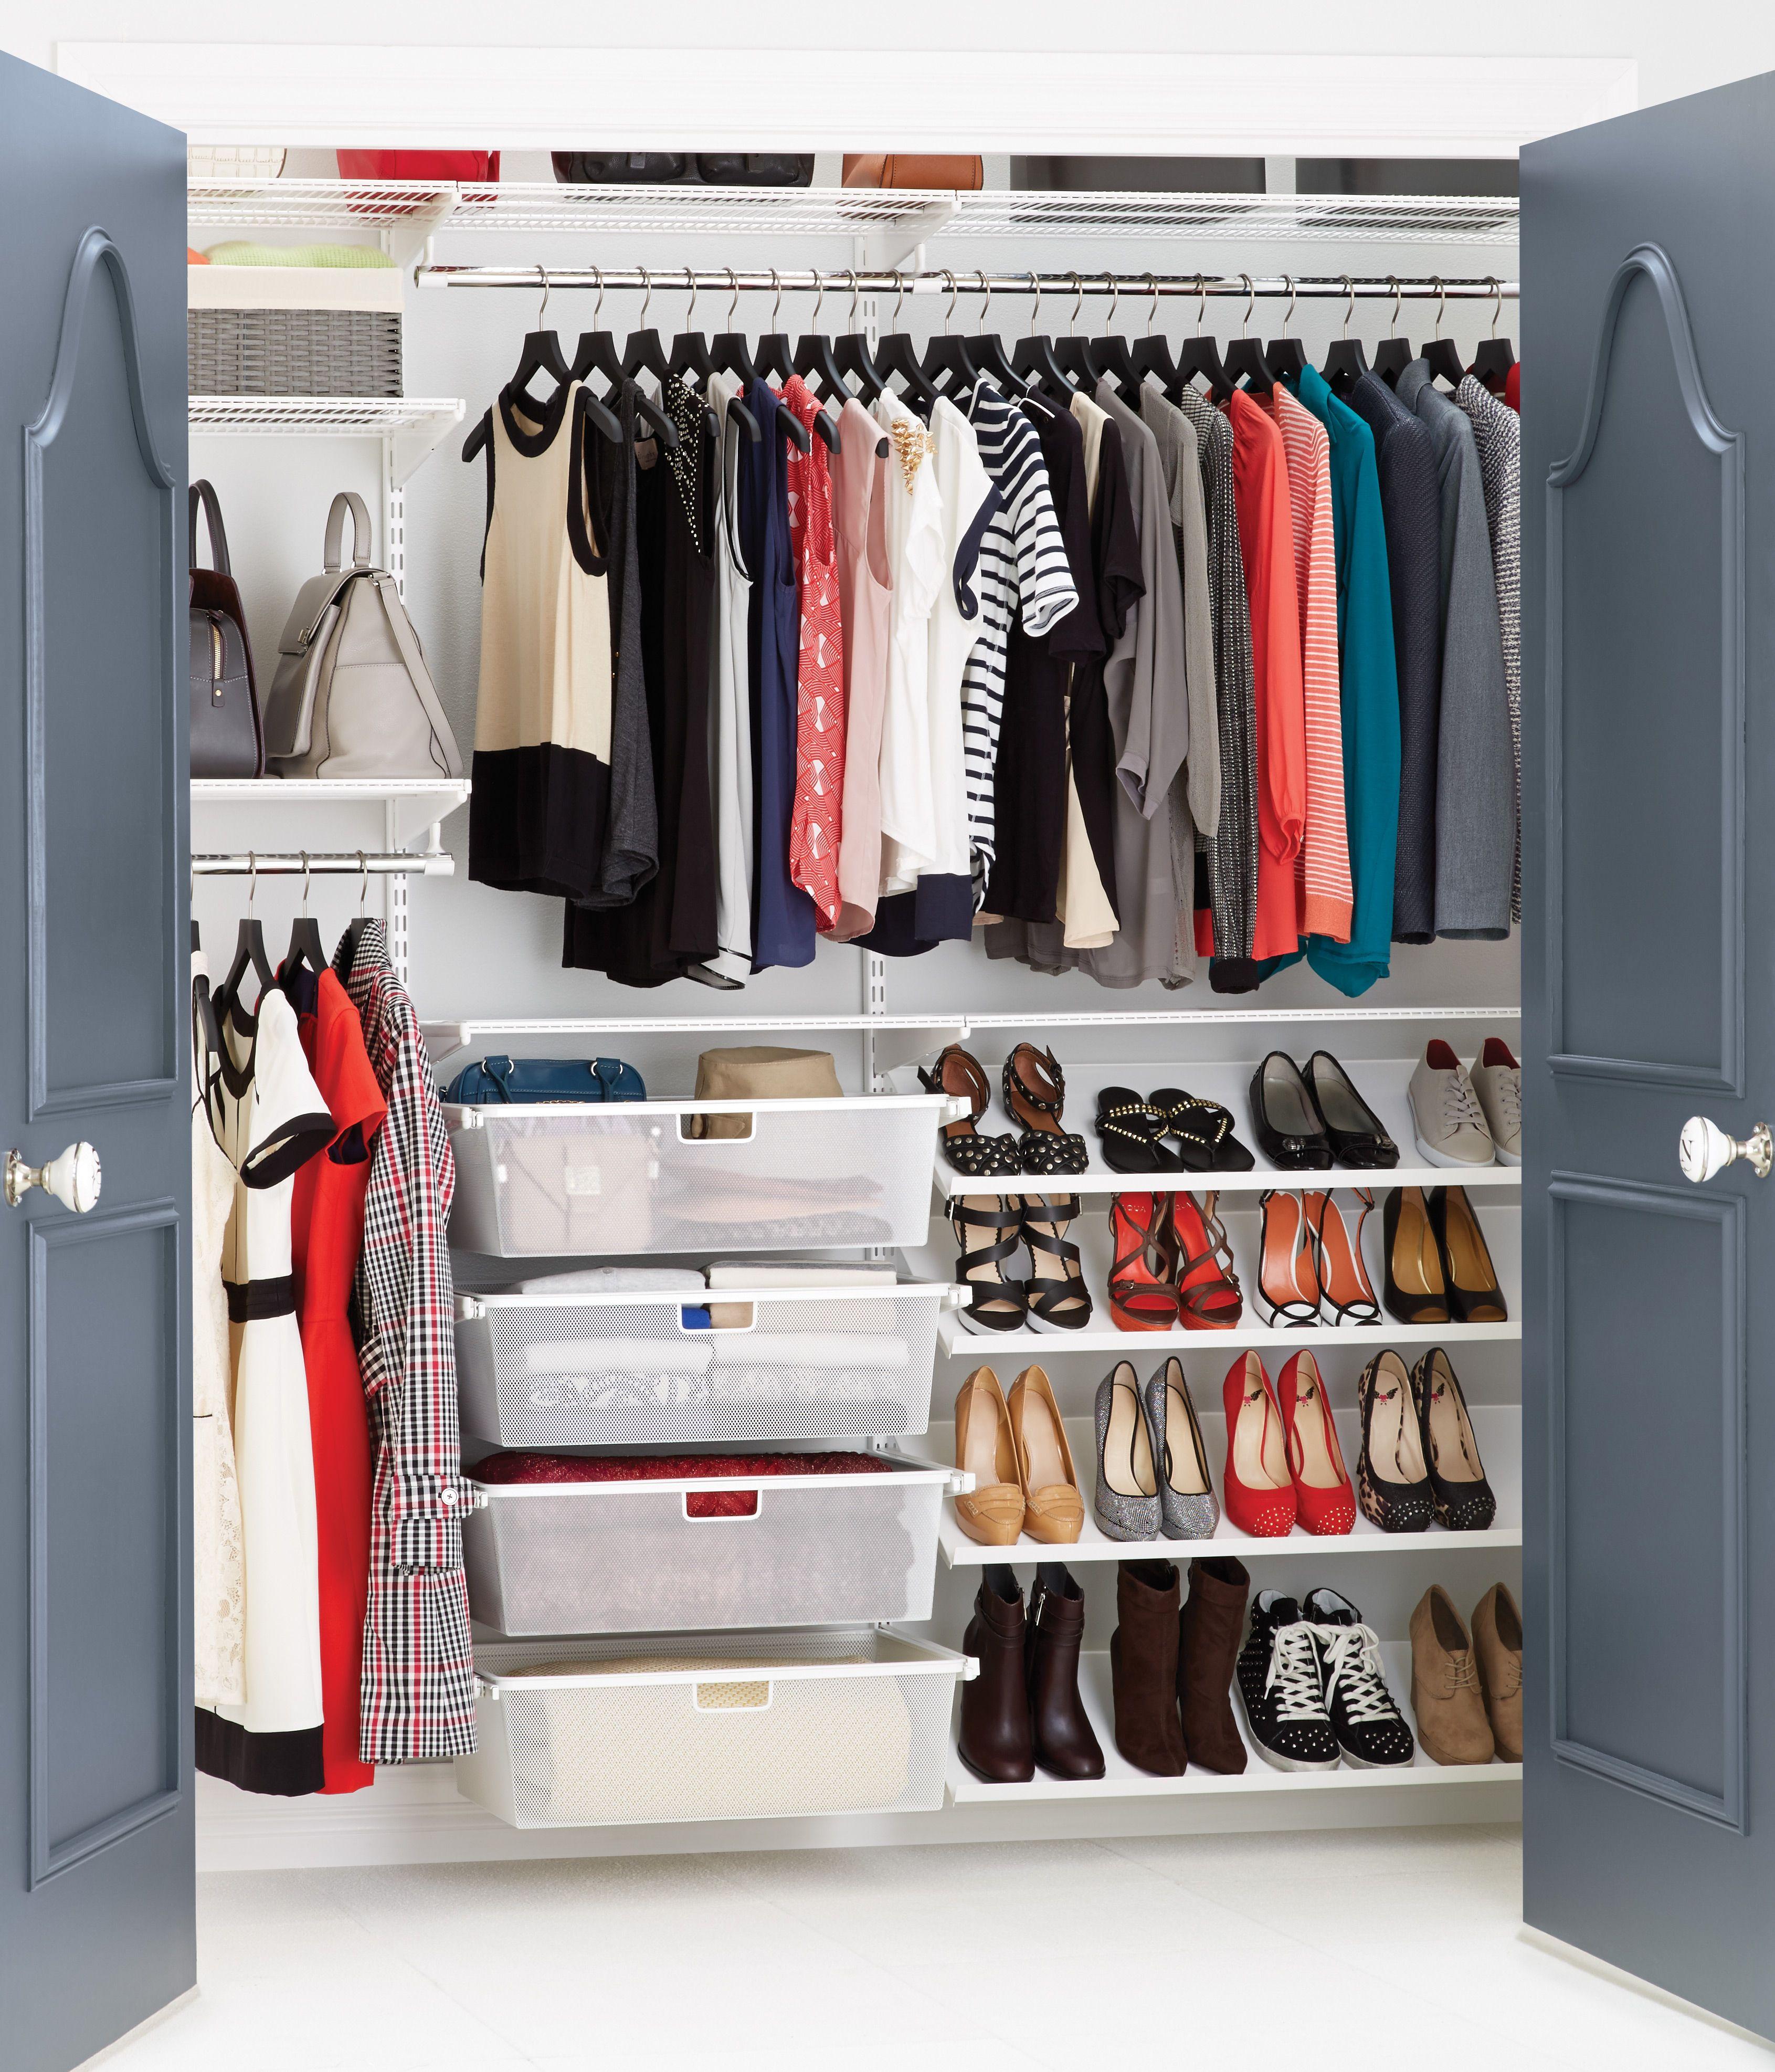 White Elfa Reach-In Clothes Closet